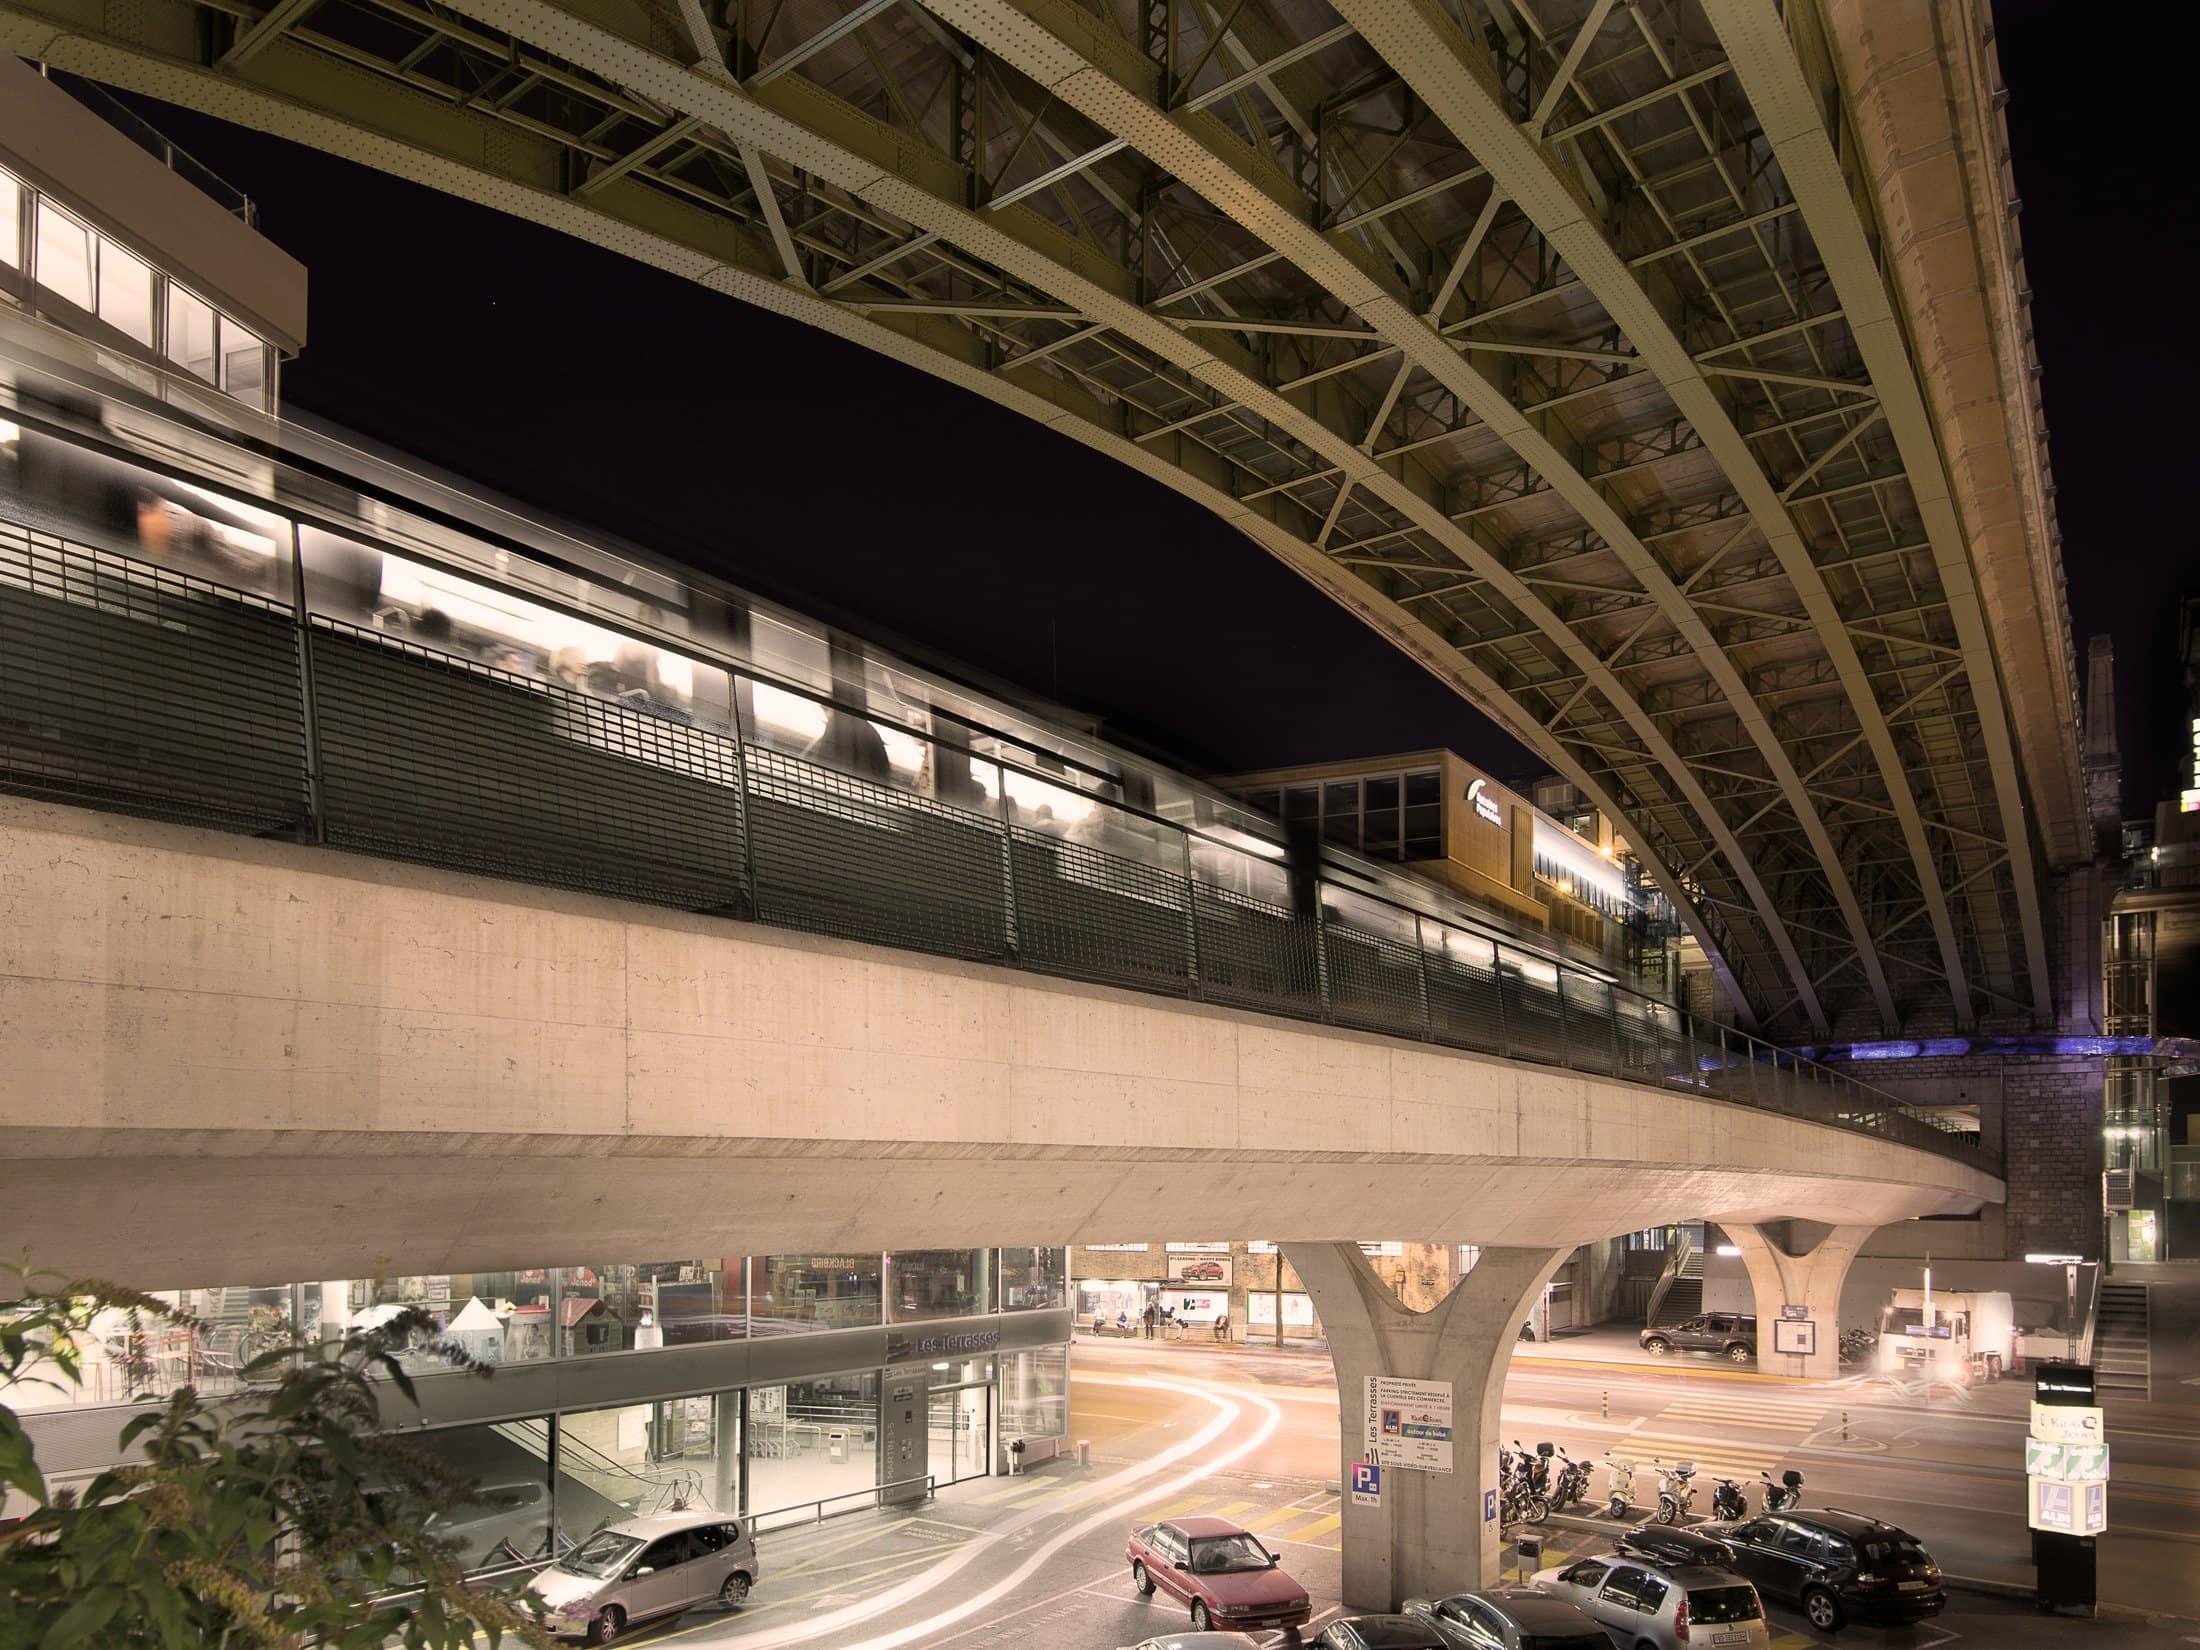 rame de métro M2 sous le pont Bessières à Lausanne